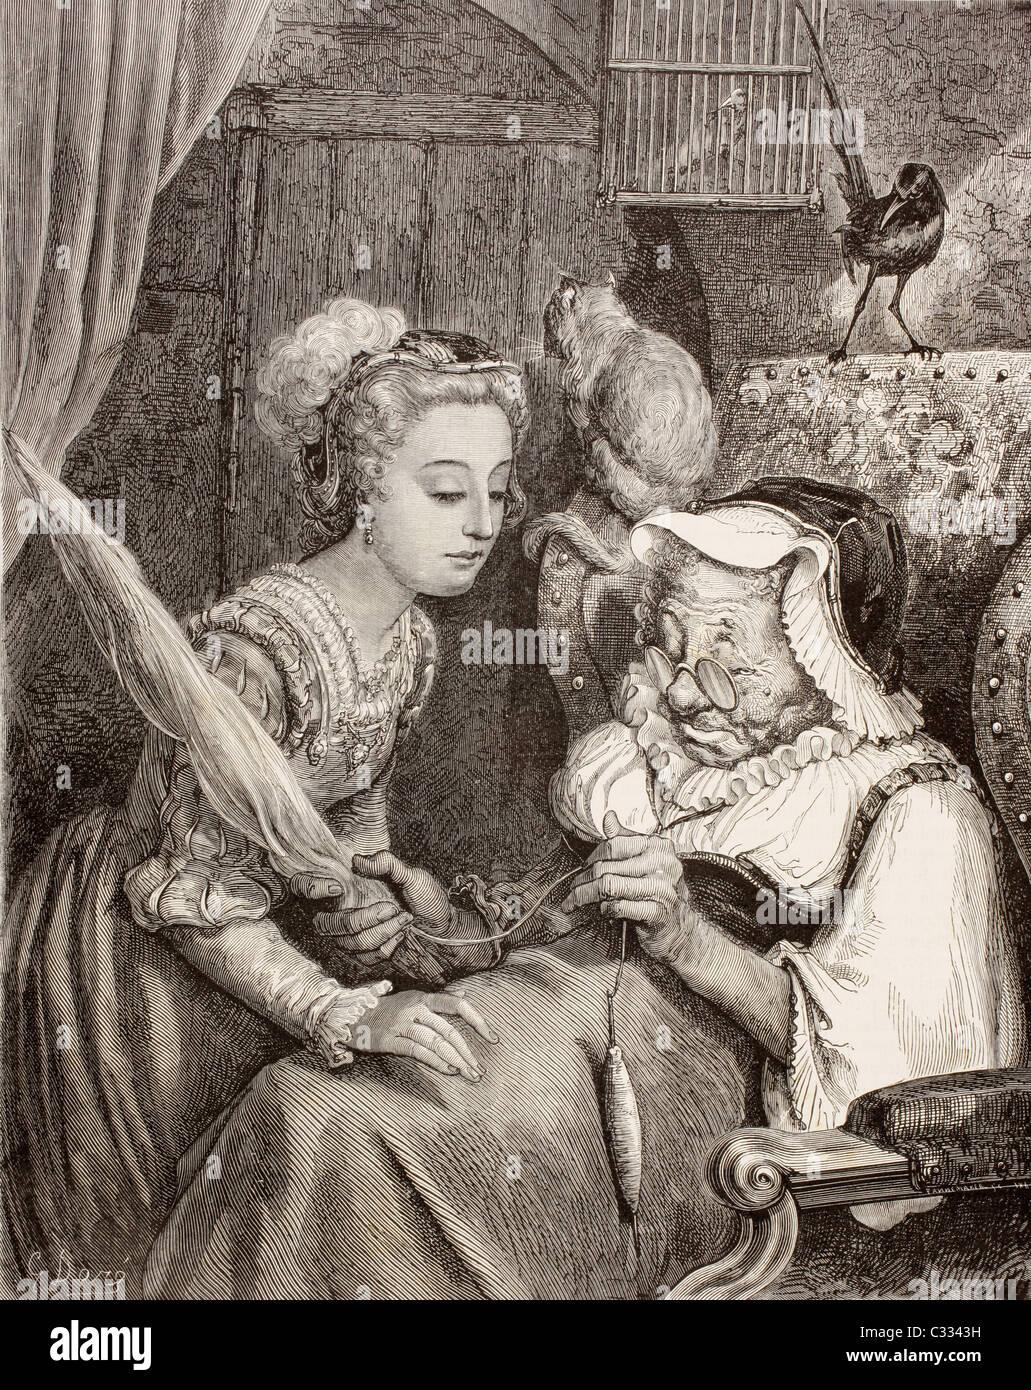 Une scène de la Belle au Bois Dormant par Charles Perrault. La princesse trouve une vieille femme la filature, Photo Stock